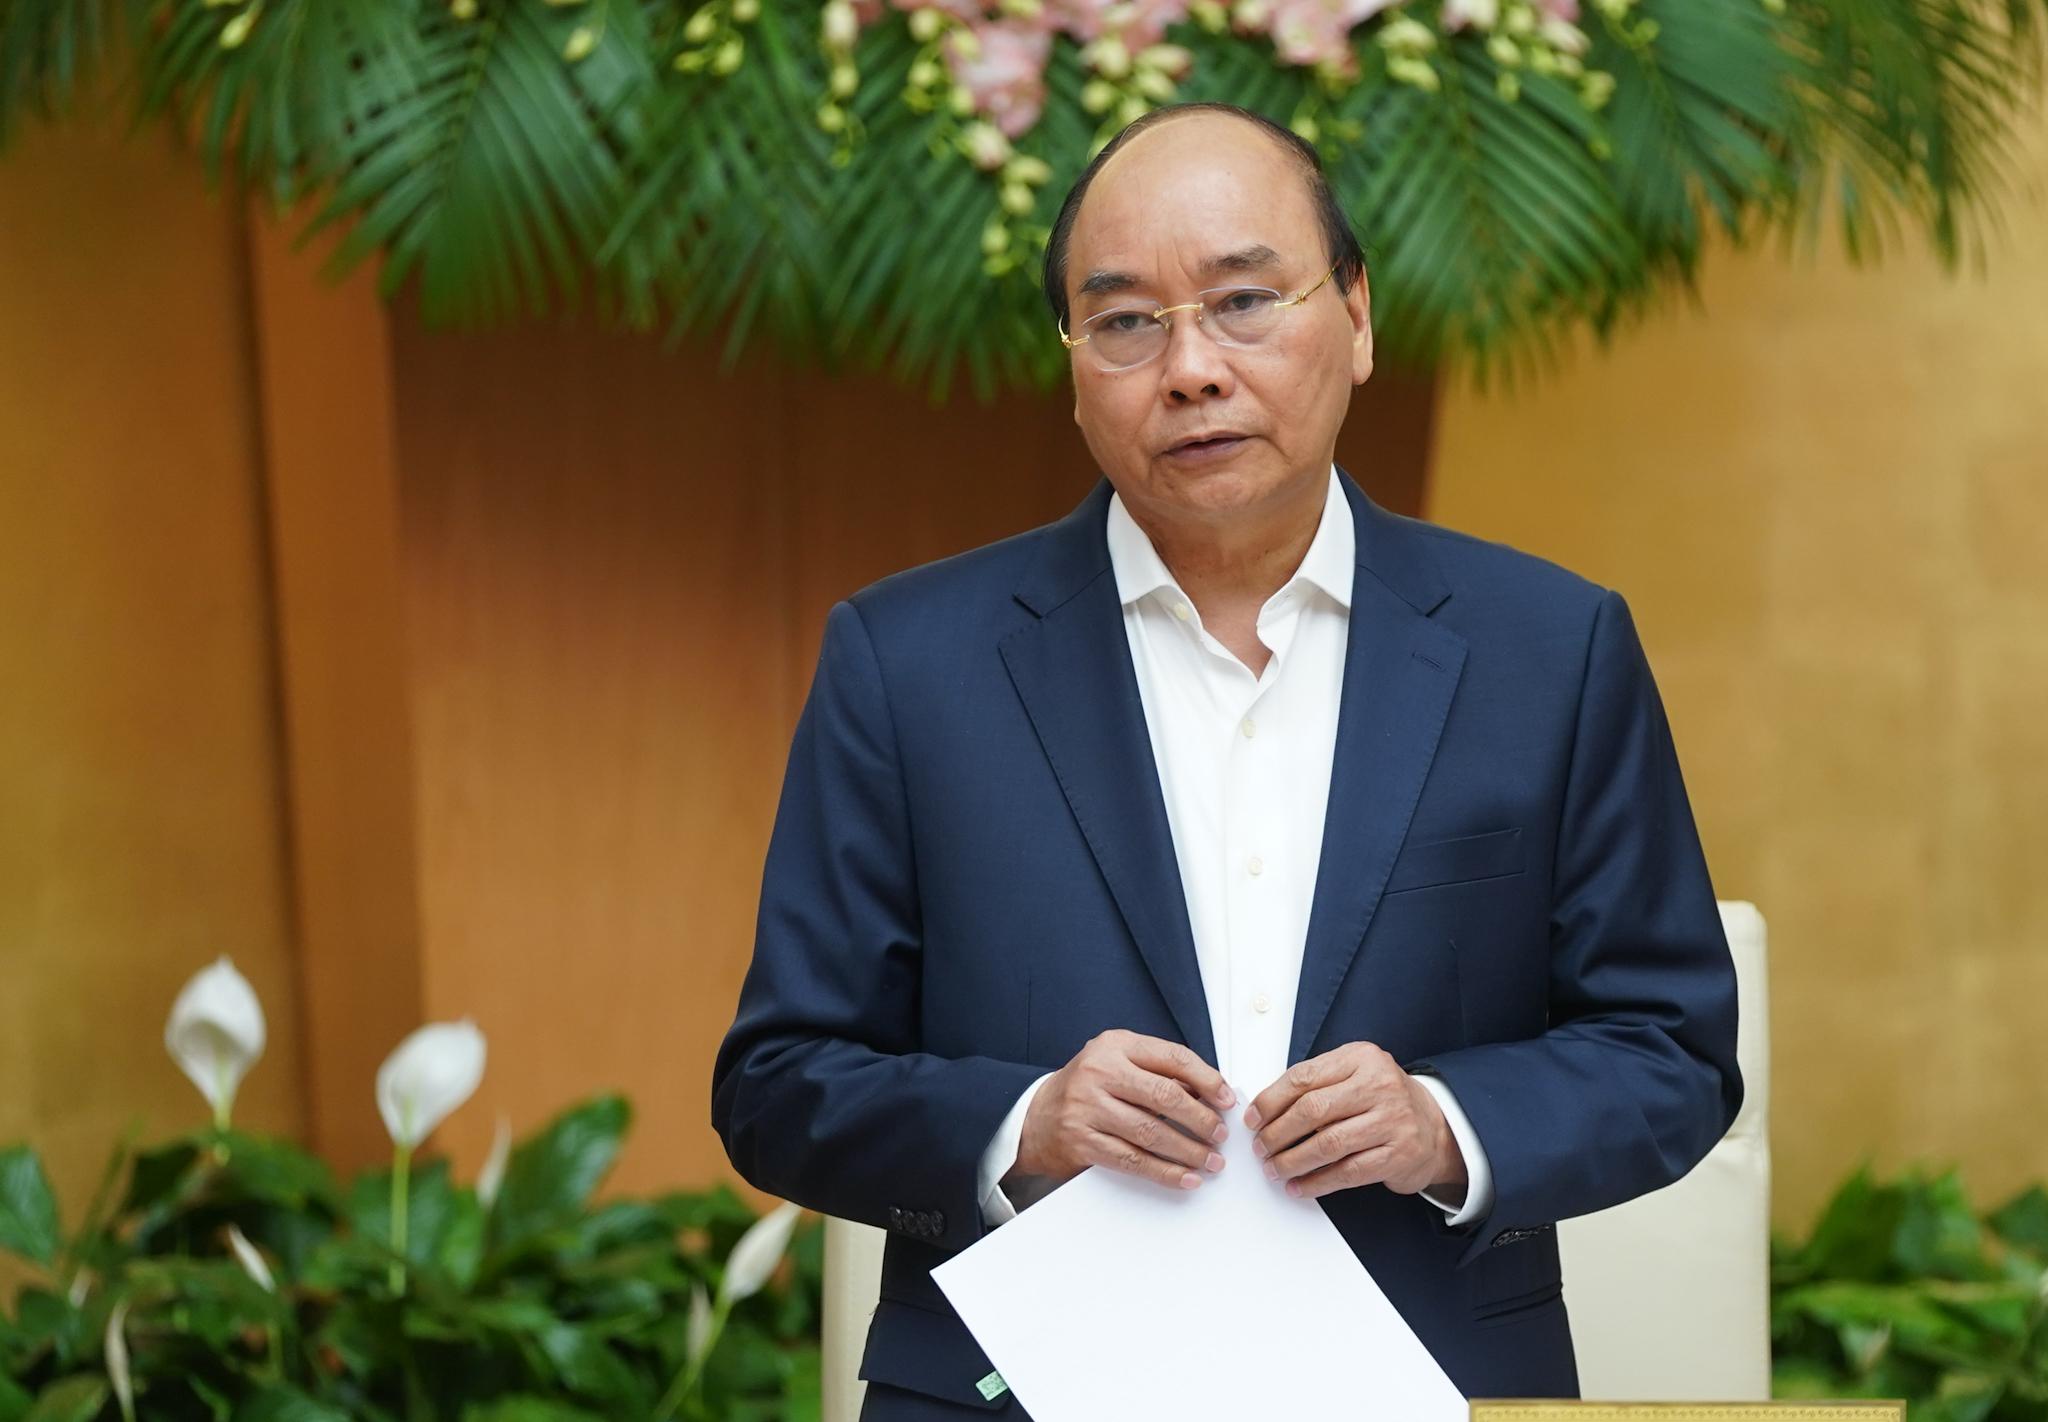 Thủ tướng Chính phủ thấu hiểu các khó khăn trong sản xuất kinh doanh